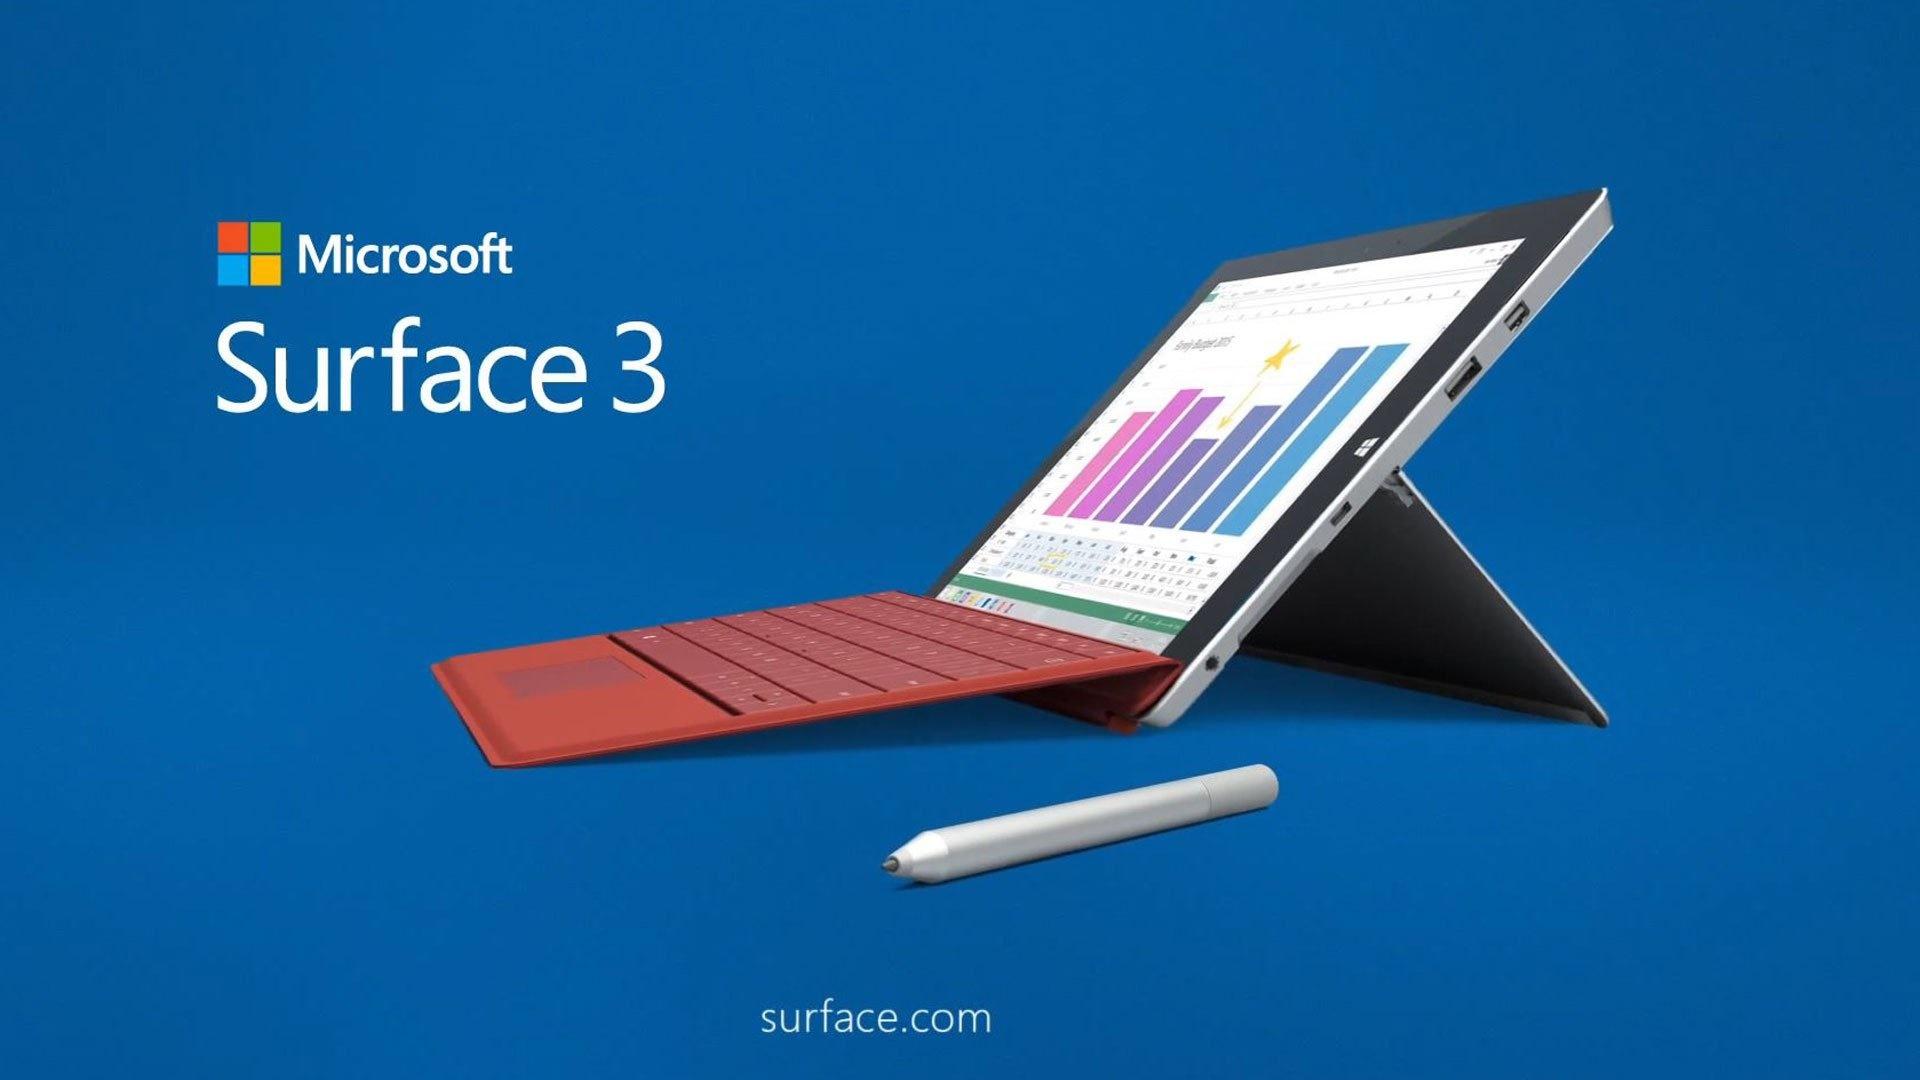 یک خبر فوق العاده شنیدنی درباره تبلت جدید مایکروسافت